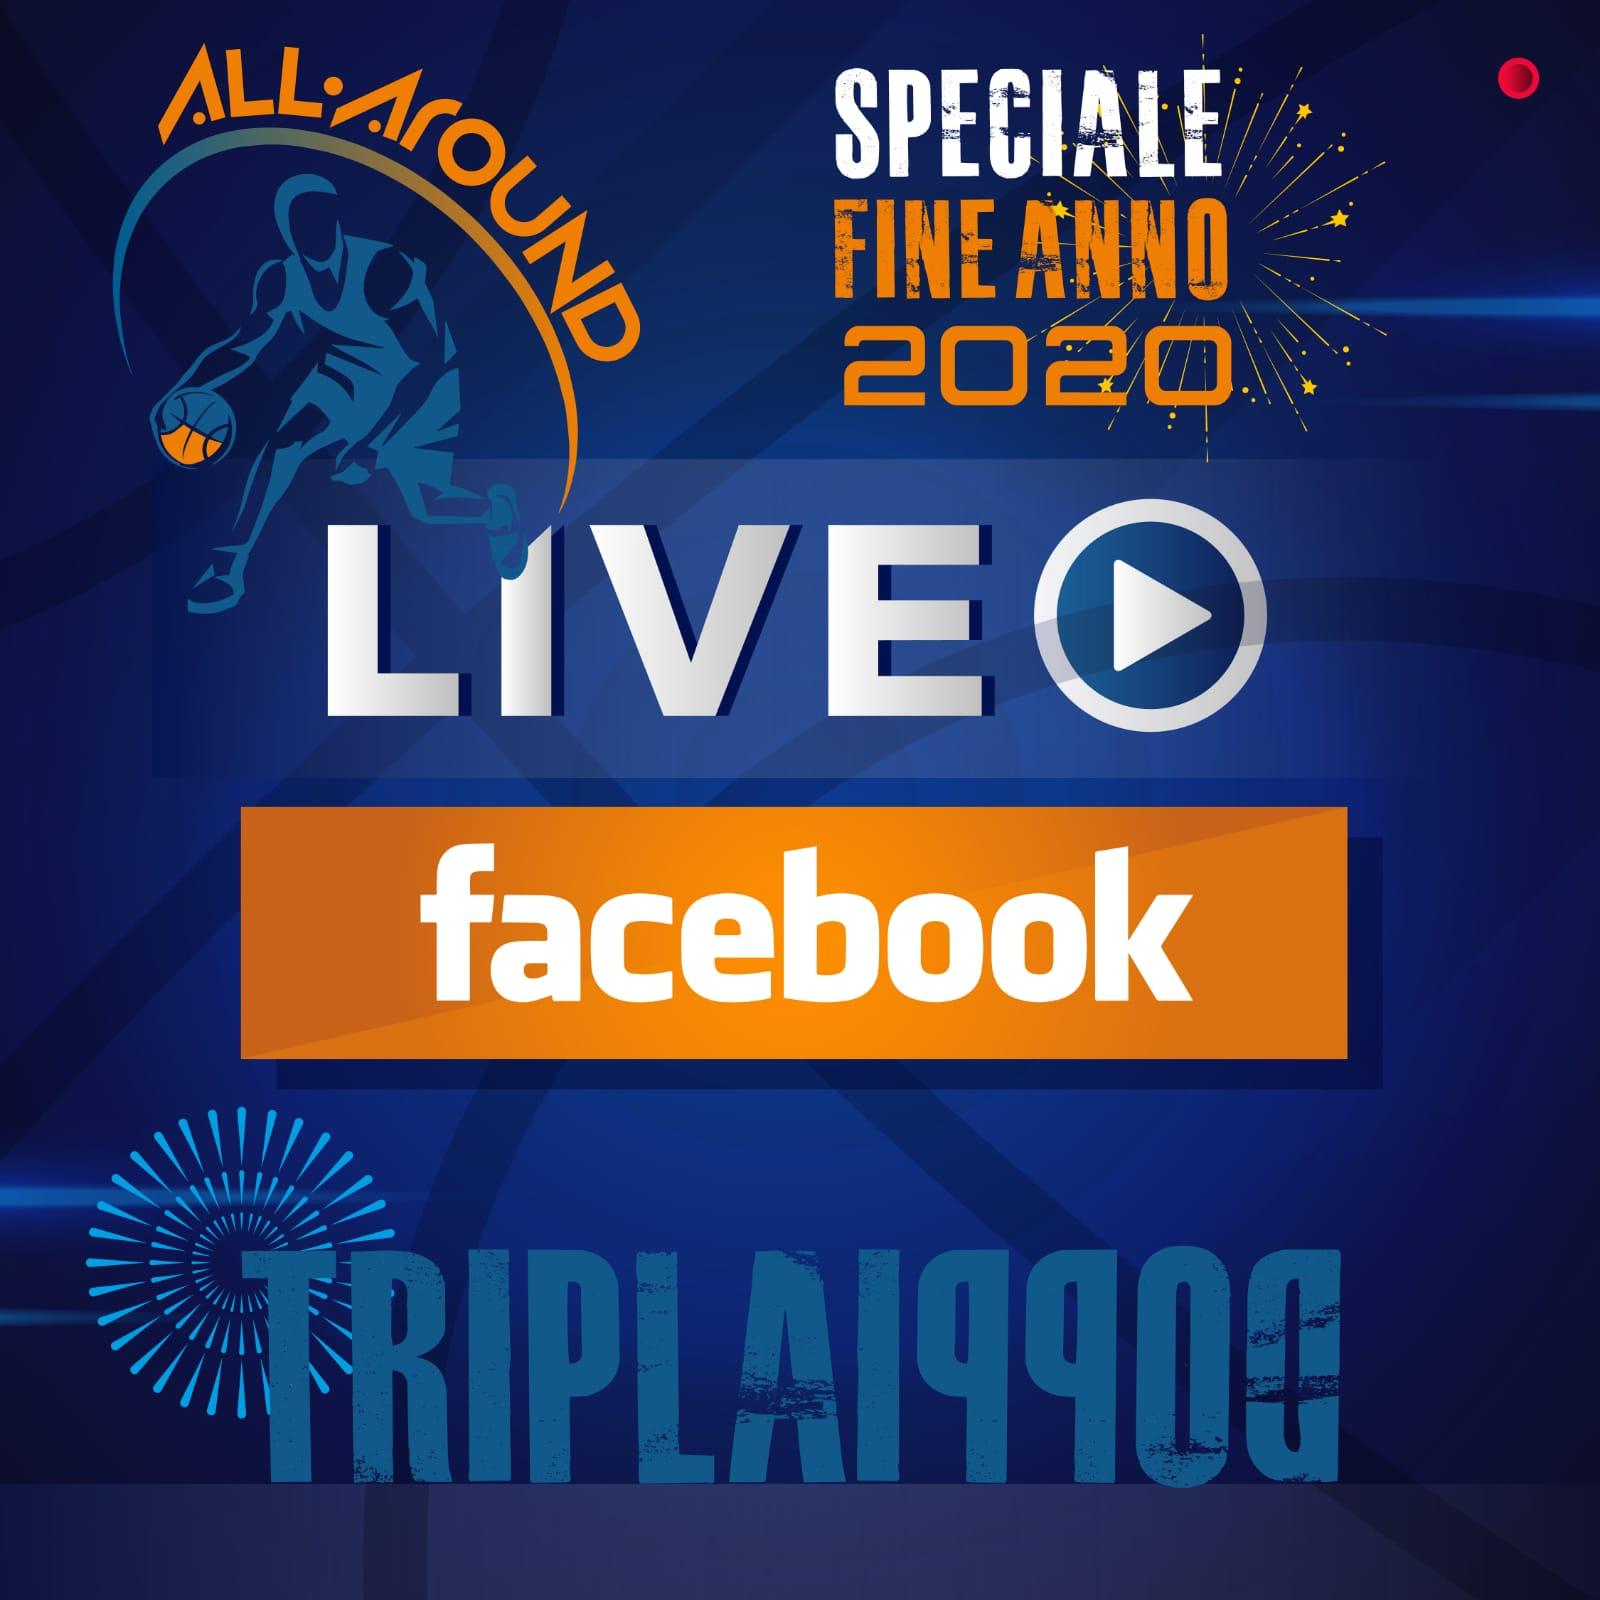 TriplaDoppia by All-Around.net 2020-21: 14^ Puntata della nuova stagione live su Facebook di TriplaDoppia ed ultima del 2020 con i tanti temi irrisolti...